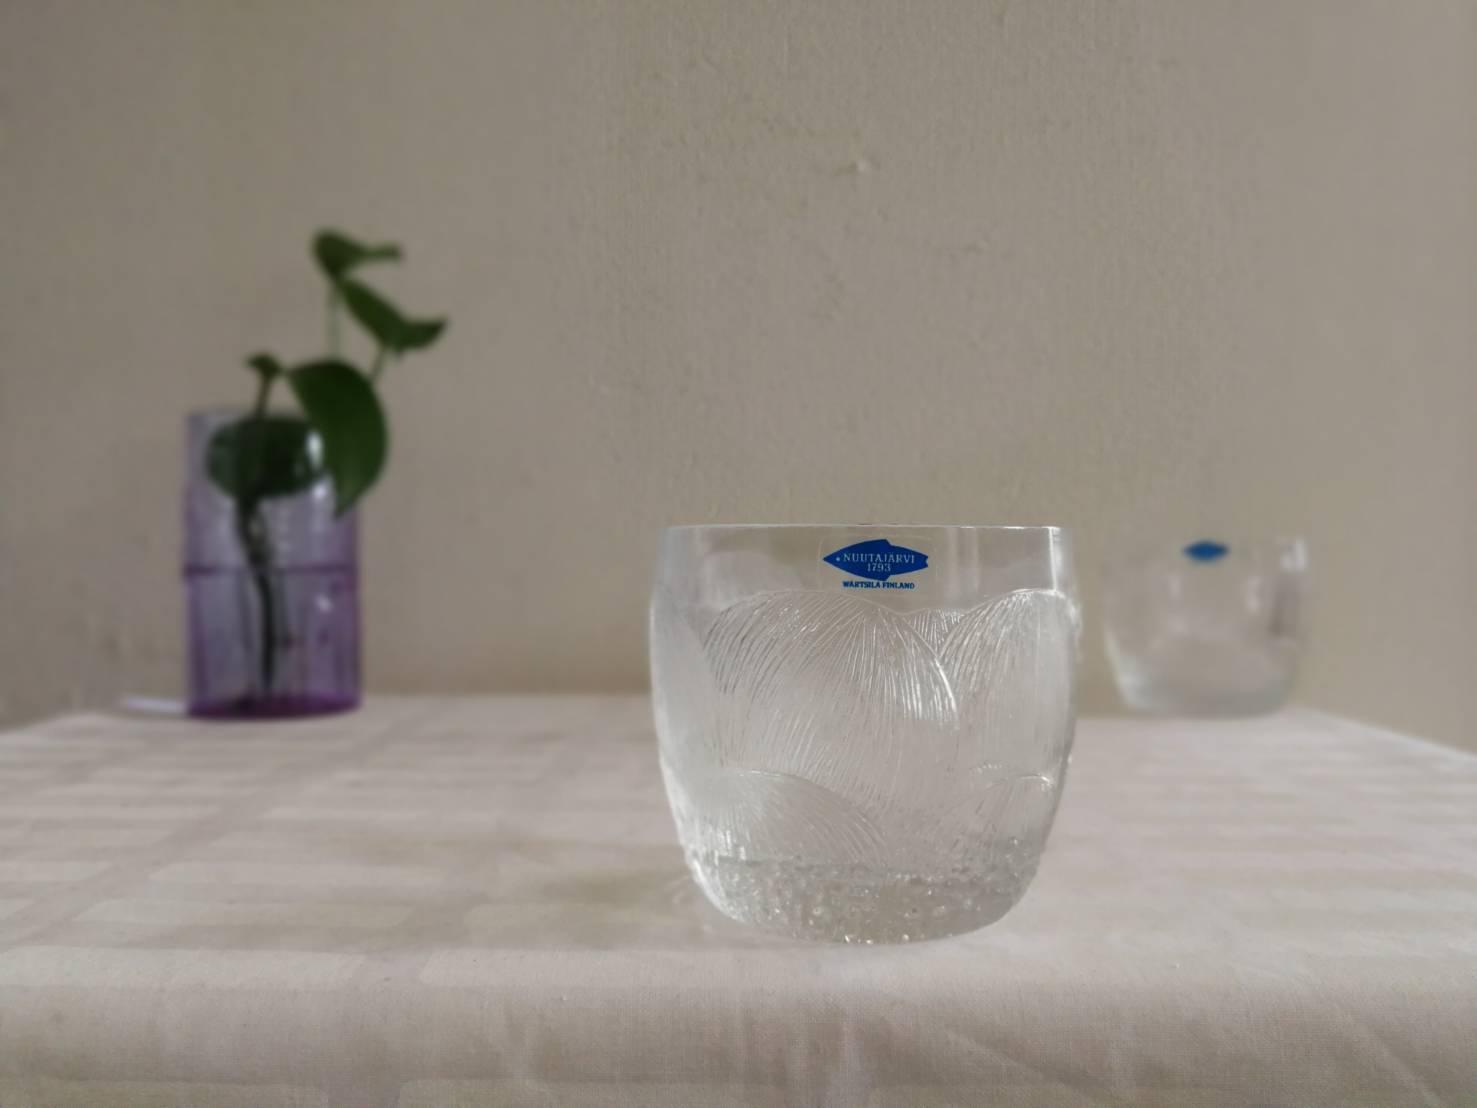 グラス / NUUTAJARVI ヌータヤルヴィ / Pioni ピオニ / CL